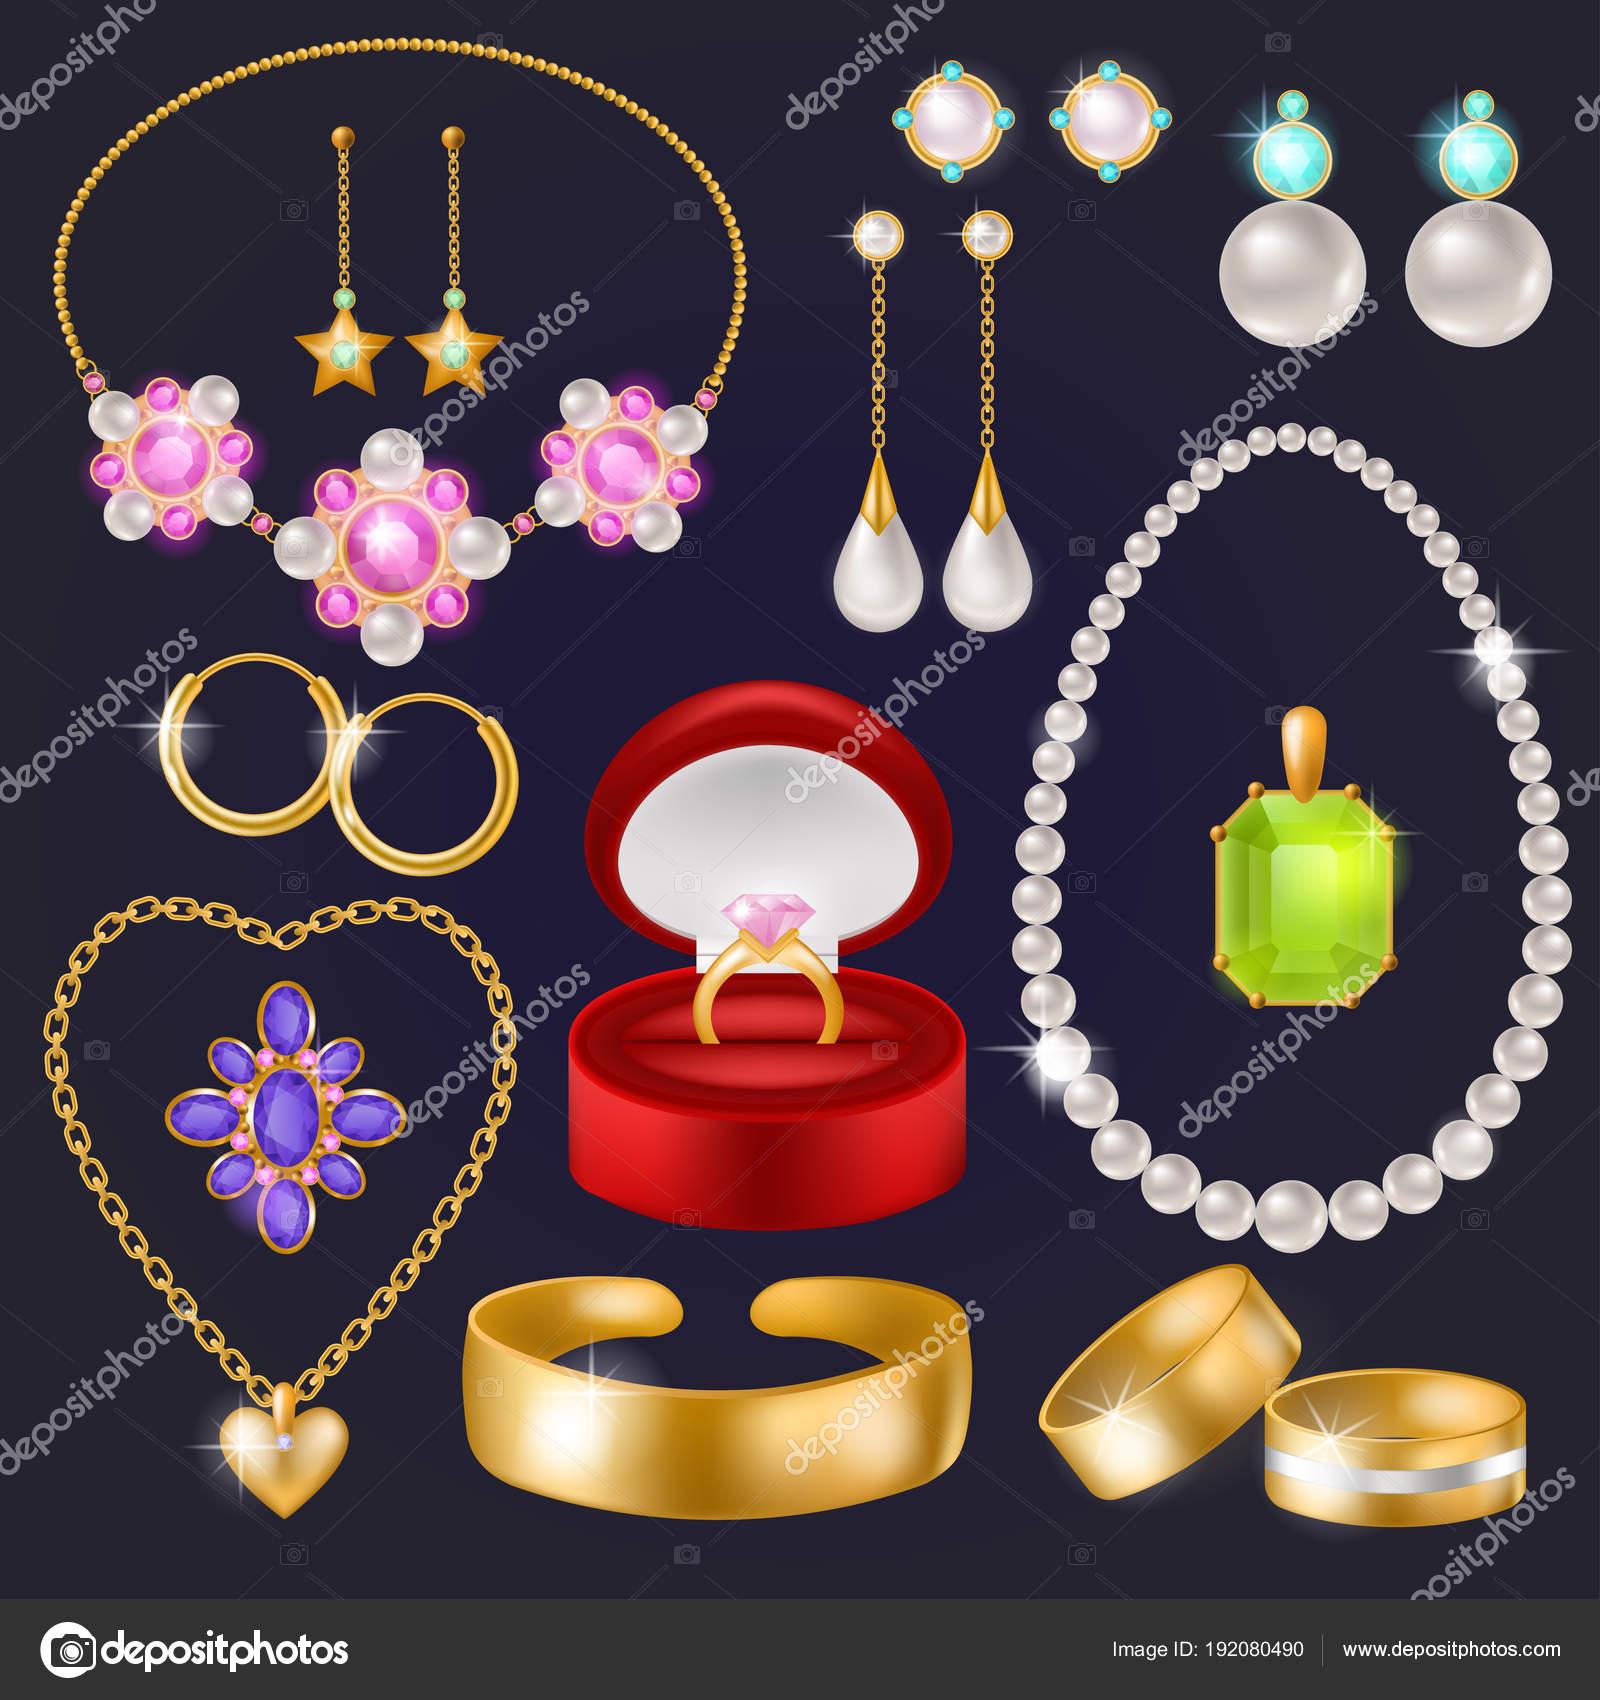 1d0fb3de8e41 Joyas vector joyería oro pulsera collar aretes y anillos de plata con  diamantes conjunto ilustración de